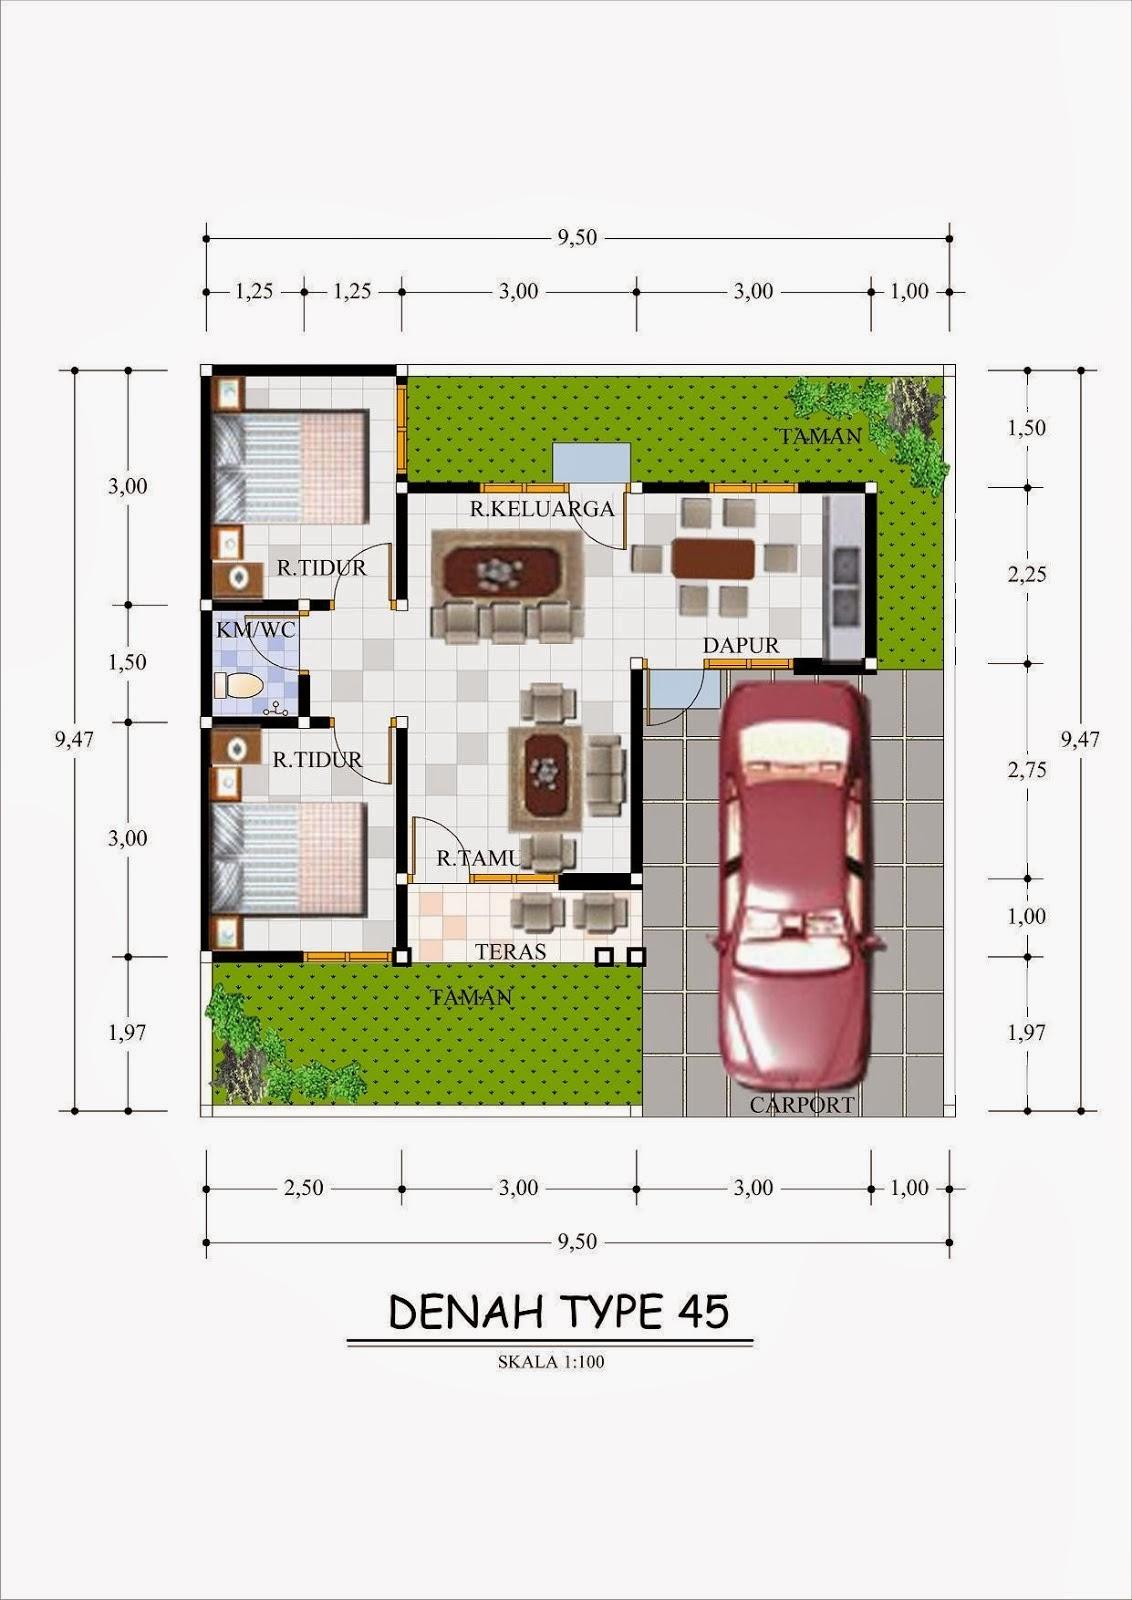 gambar denah rumah tipe 45